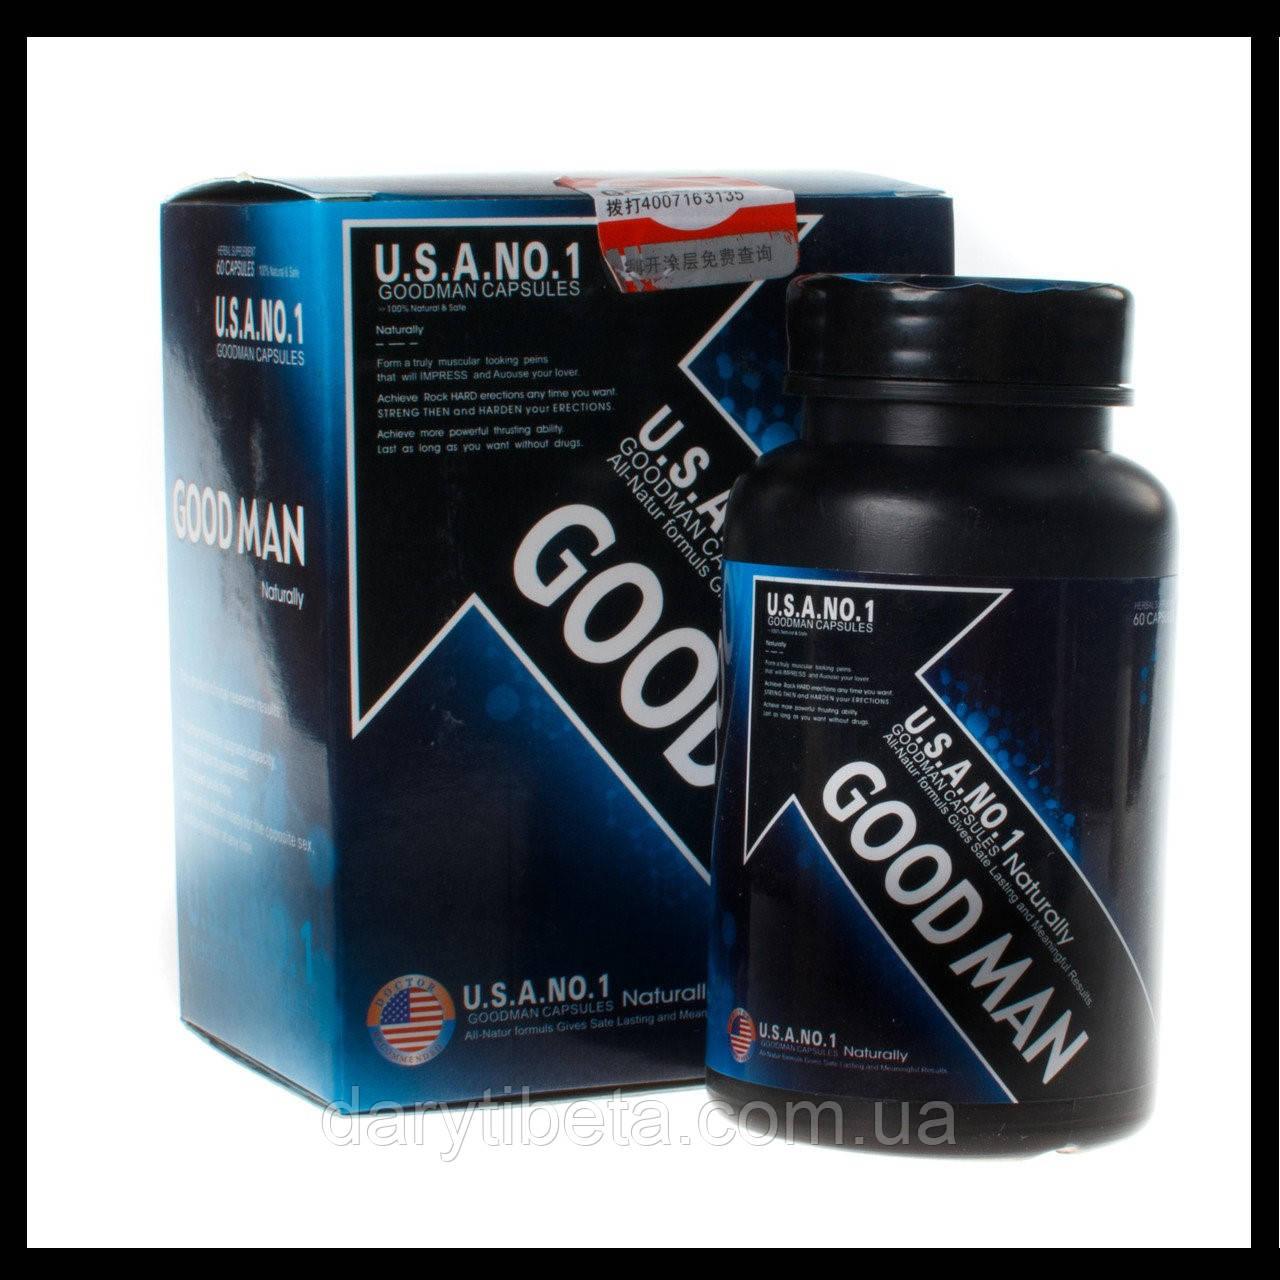 GOODMAN (Гудмен) – СУПЕР препарат для потенції і збільшення пеніса, 60 капсул.